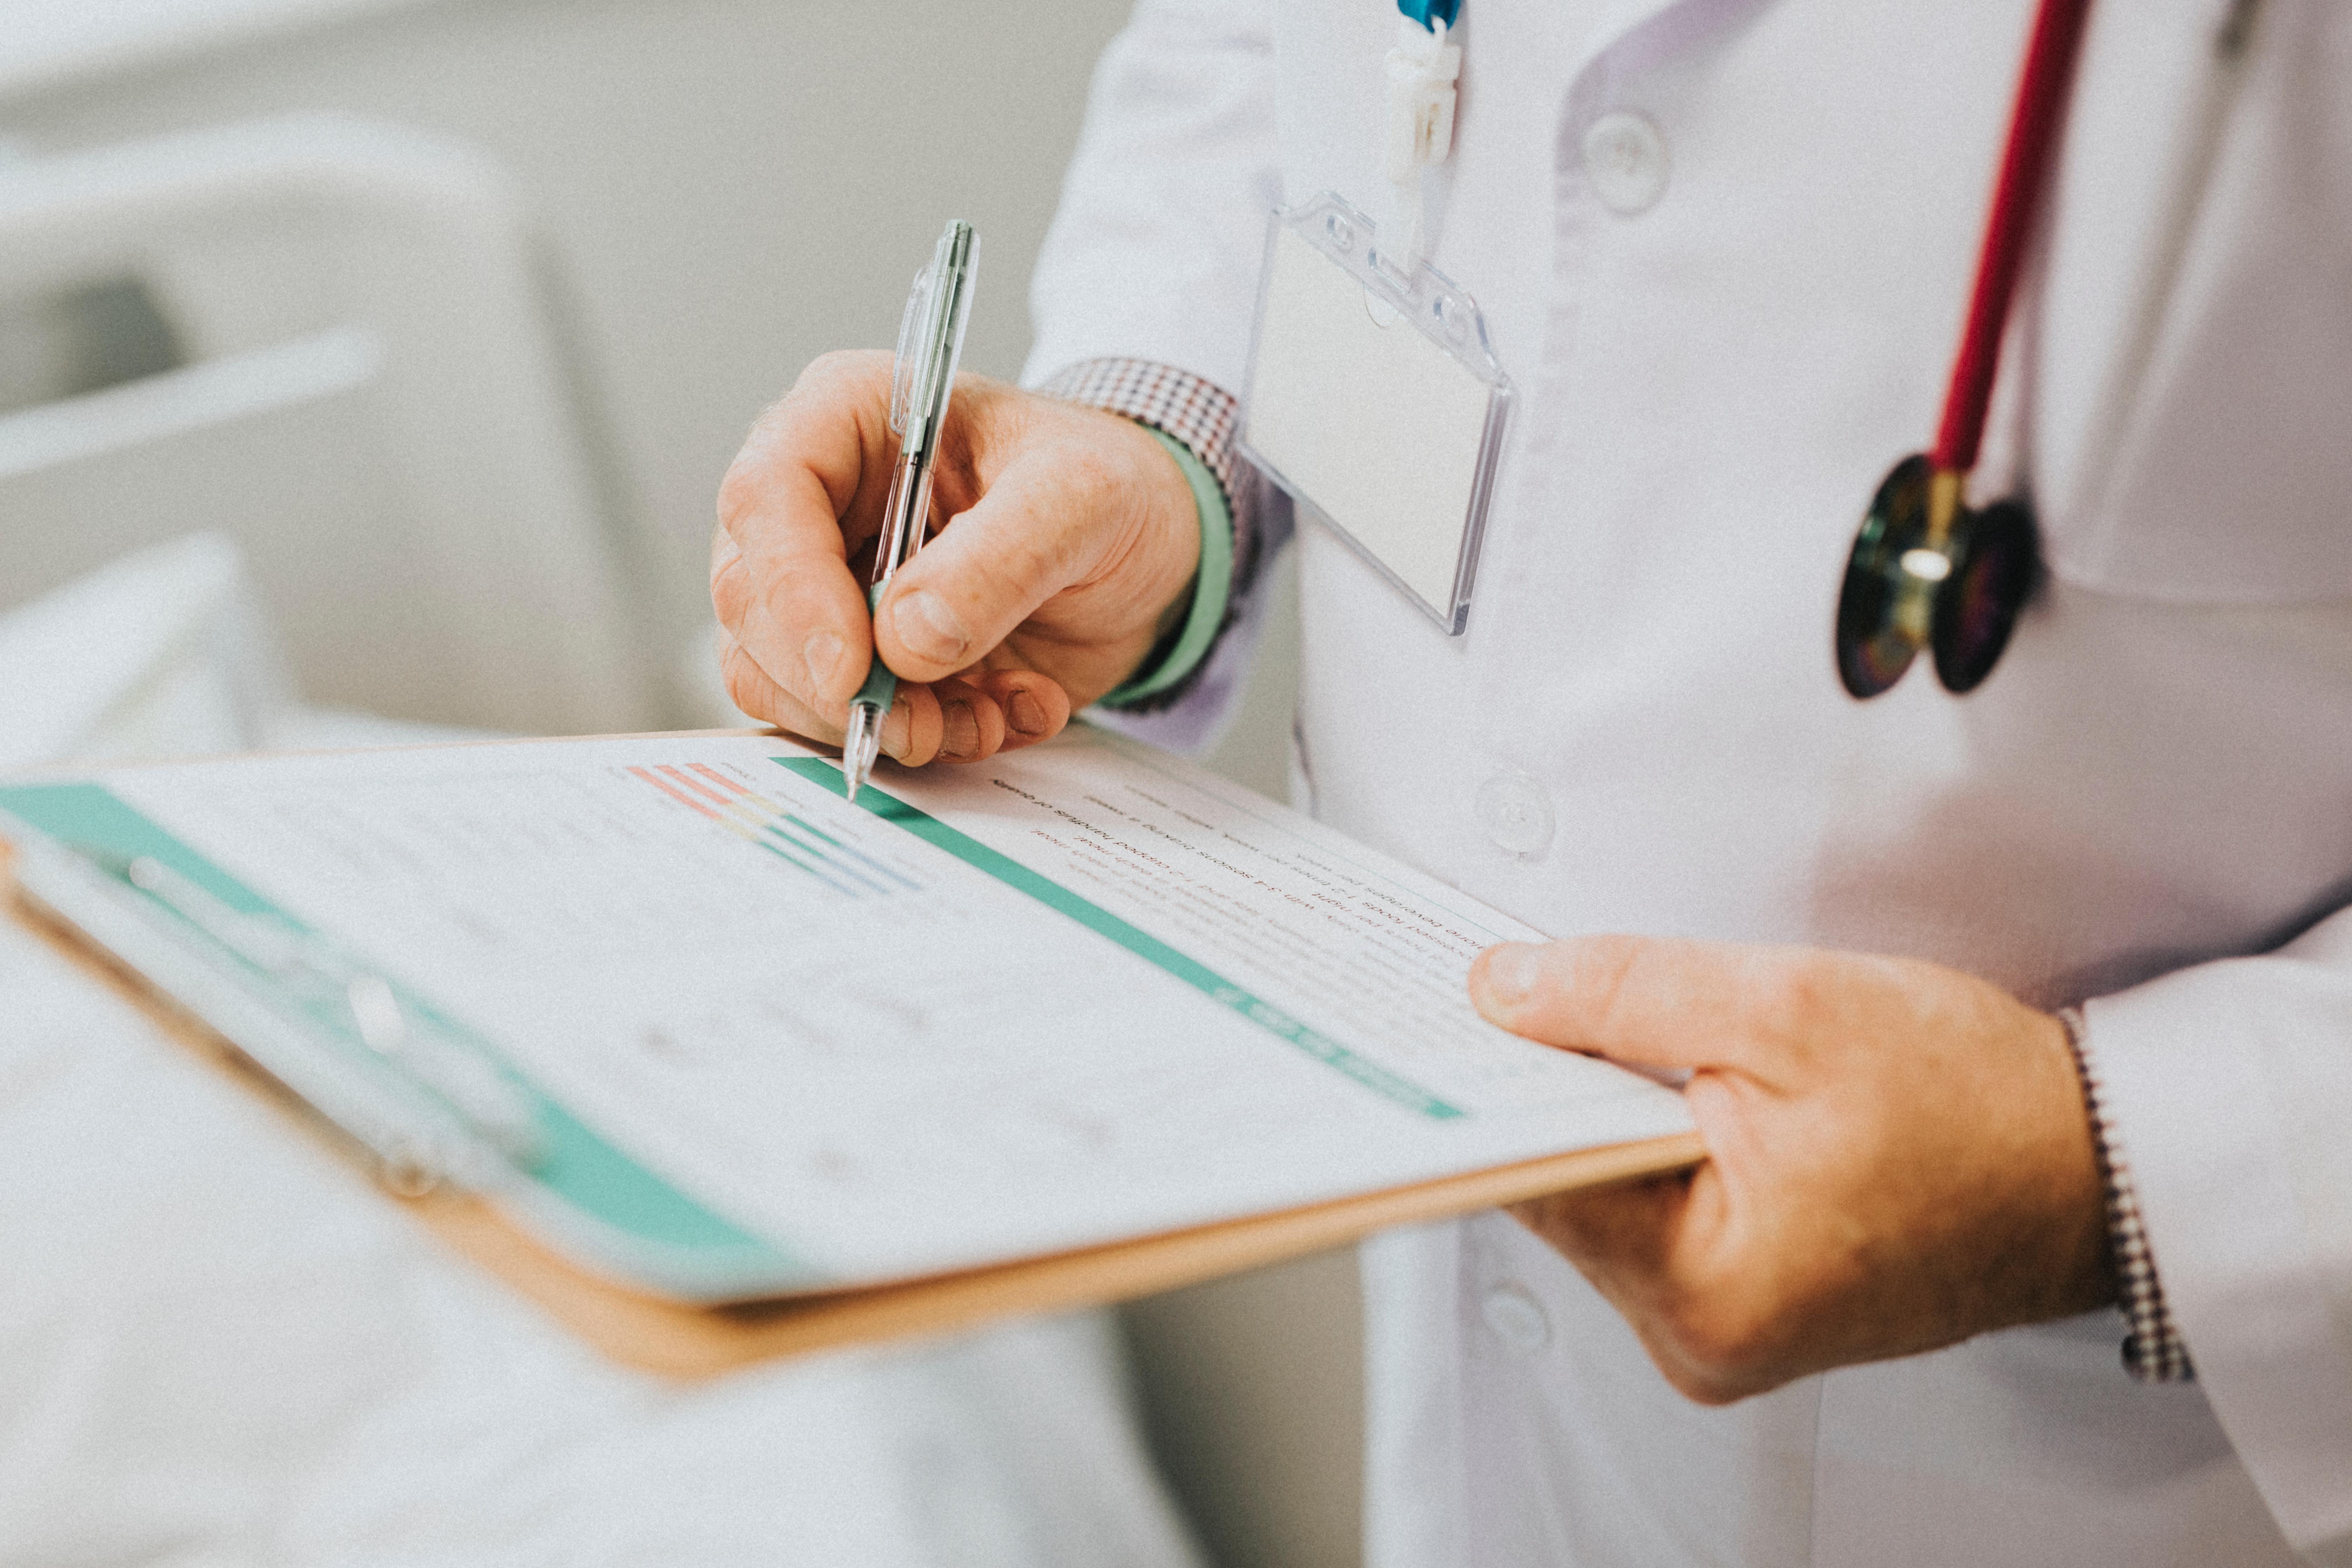 Plano de saúde pode restringir algum serviço?